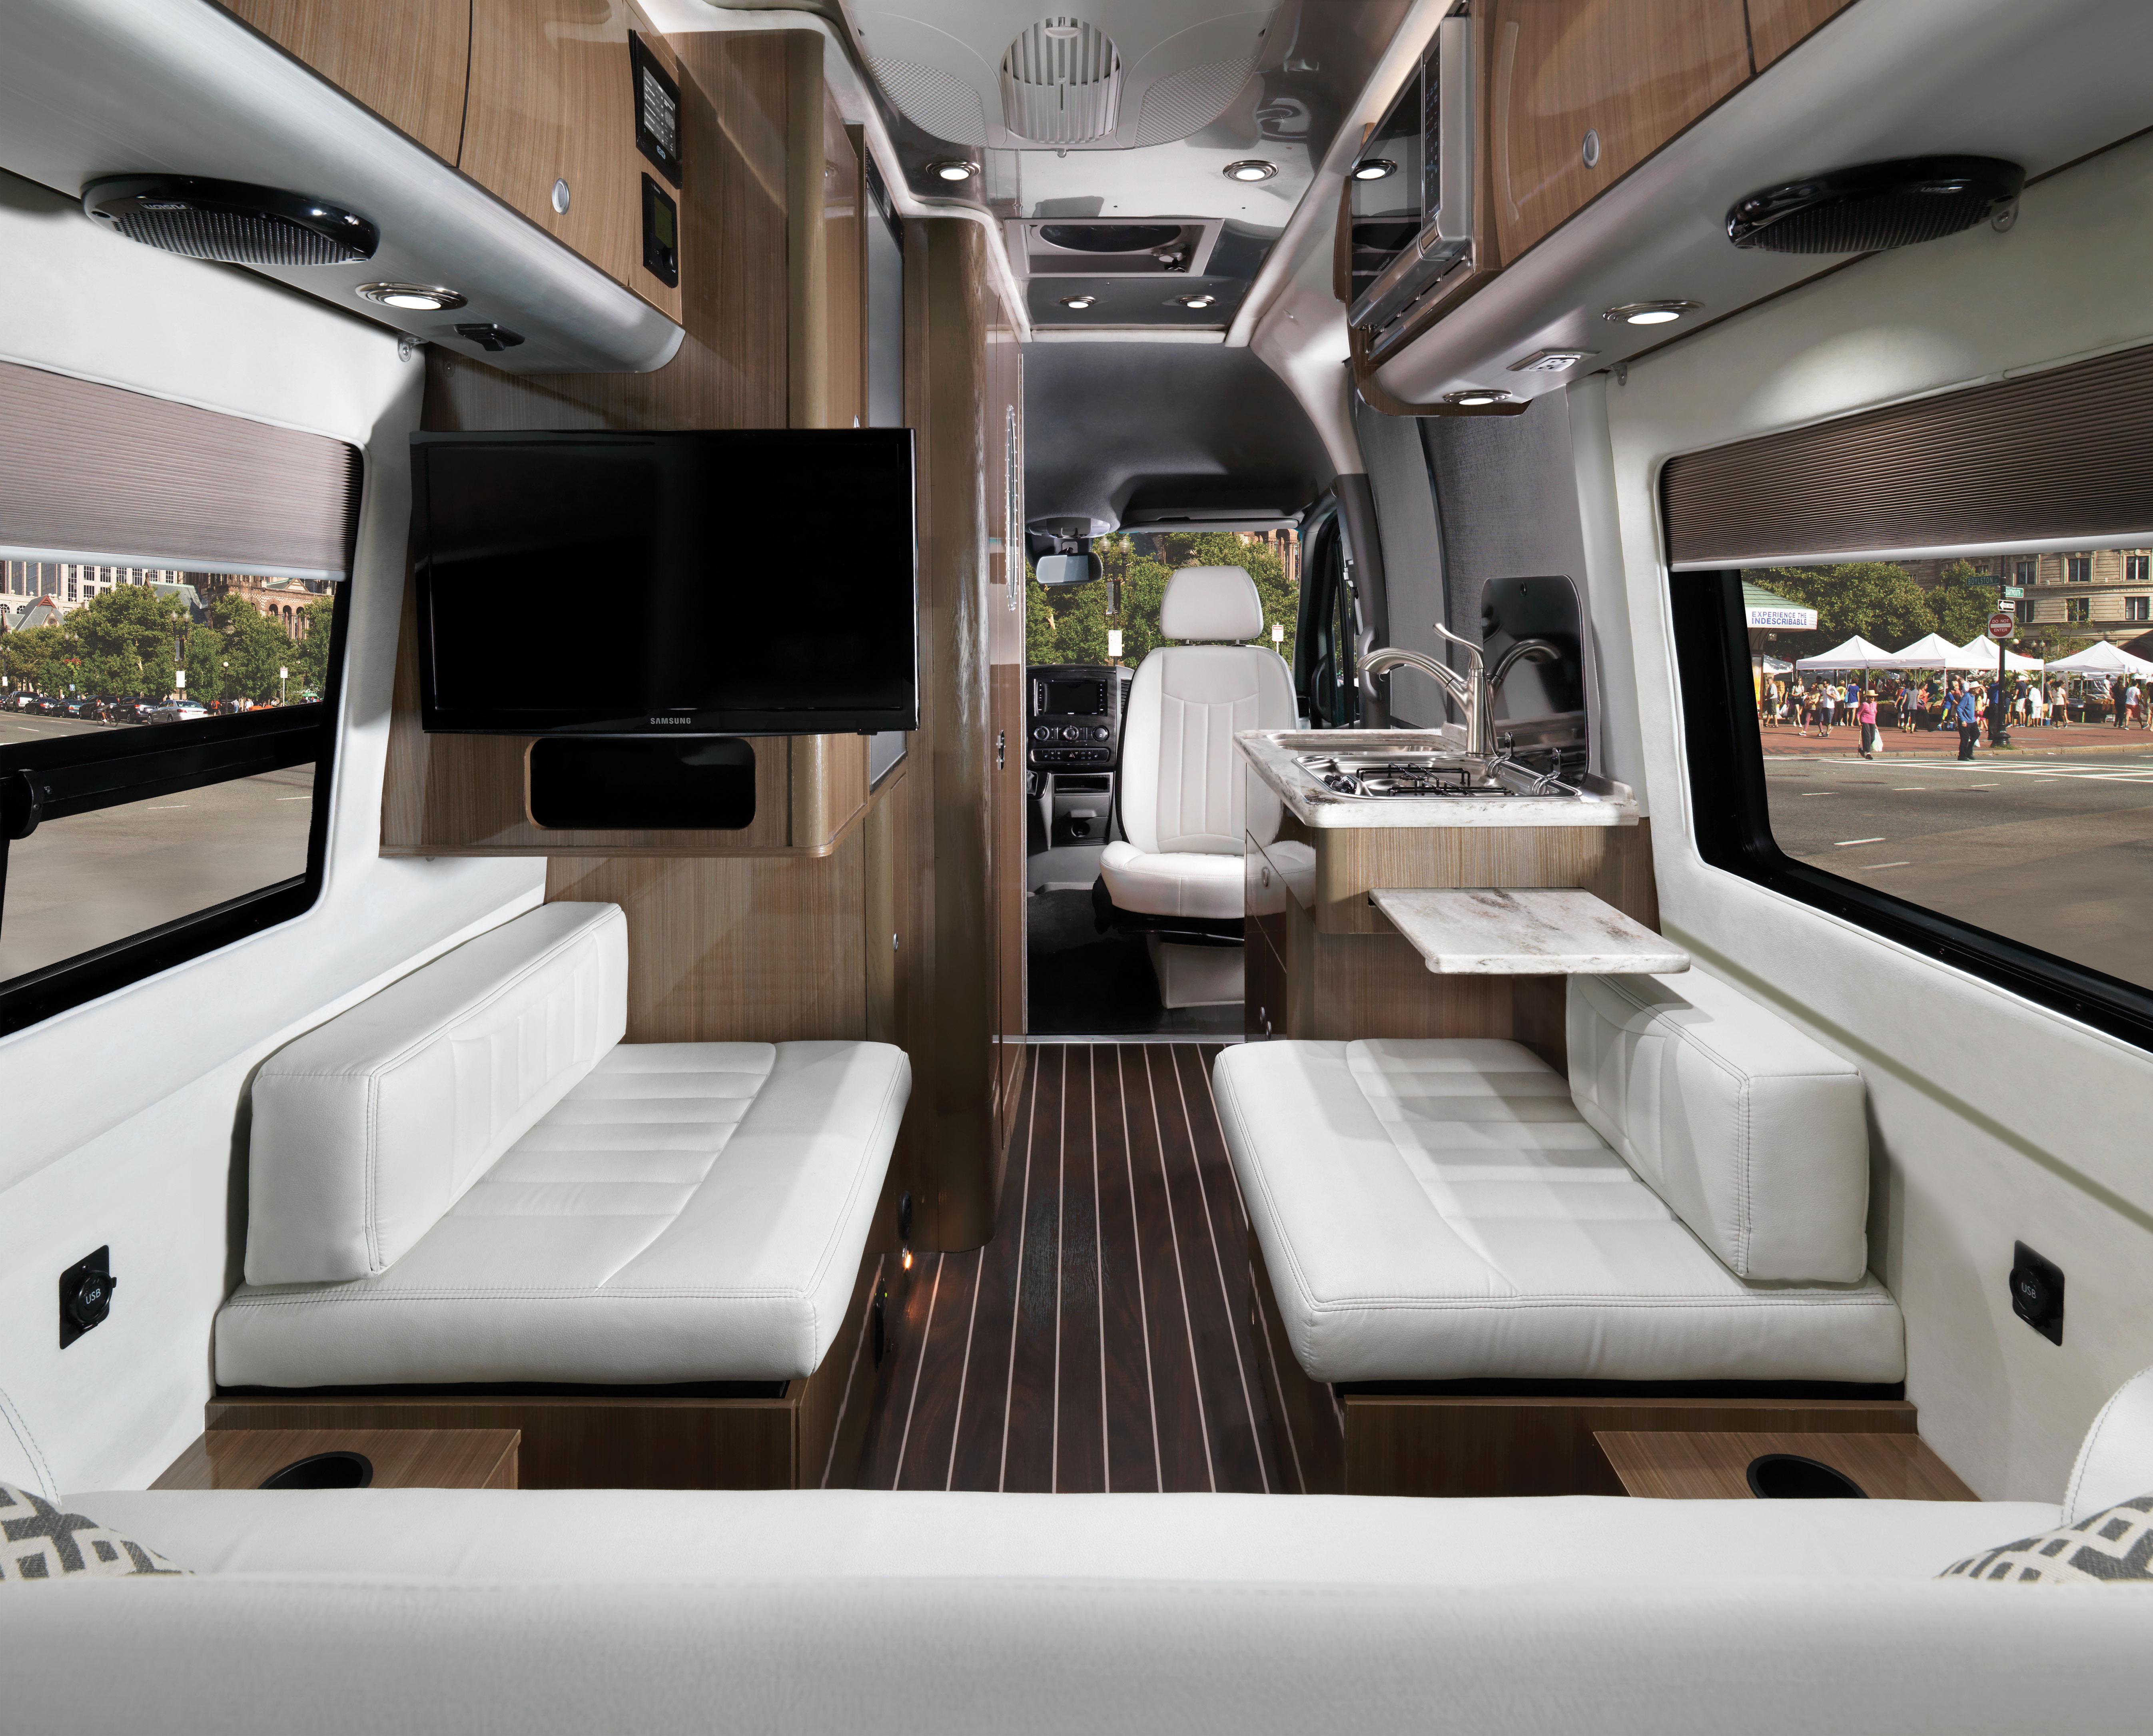 Airstream debuts new compact luxury camper van